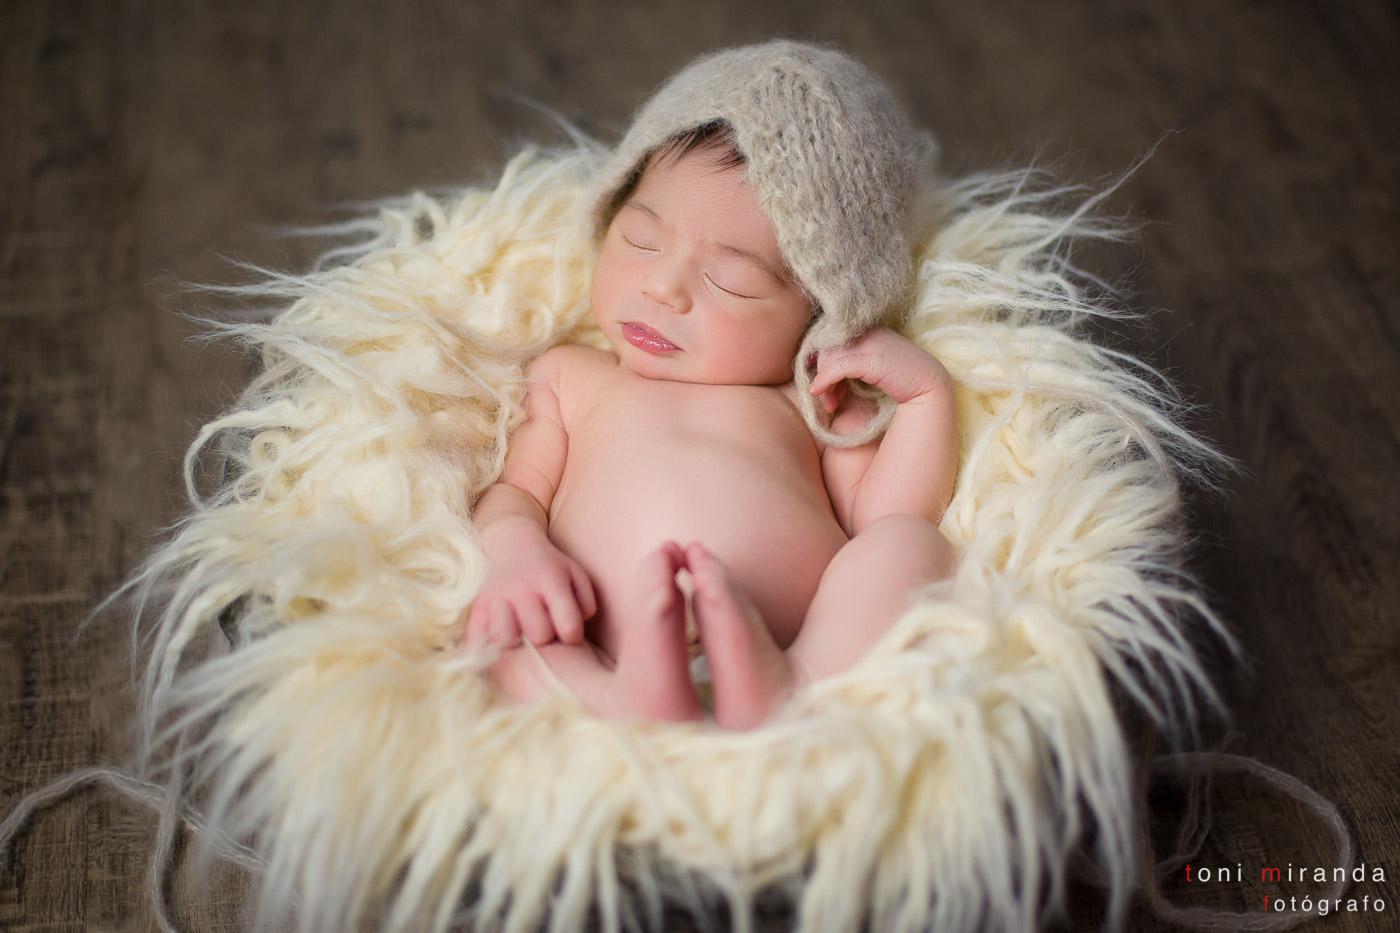 newborn-bebe-babygirl-durmiendo-cesta-basket